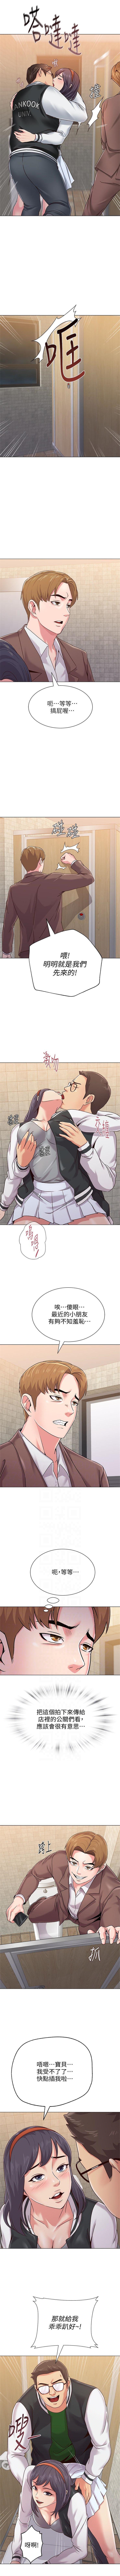 老師 1-80 官方中文(連載中) 241